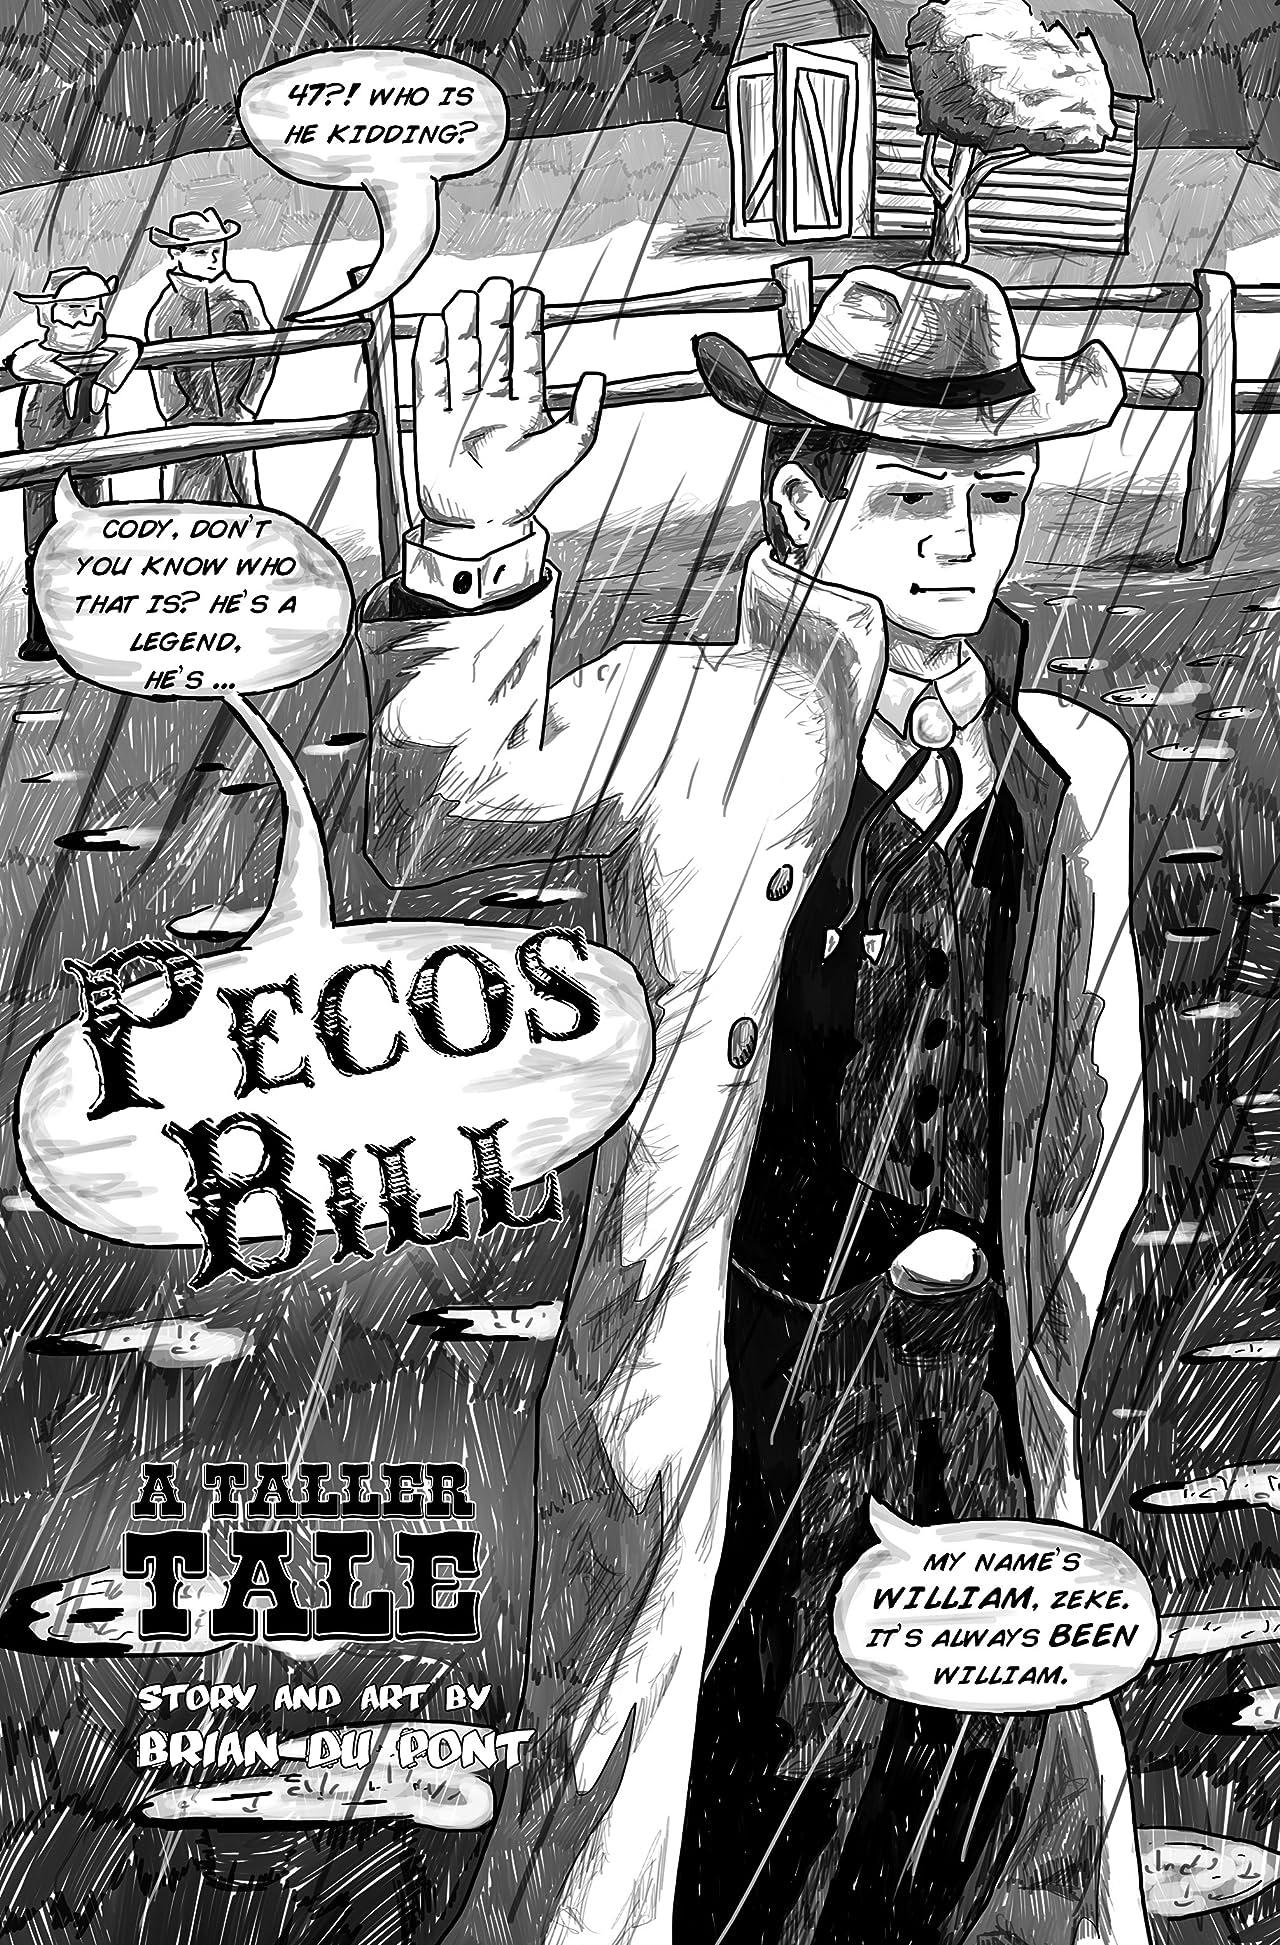 Pecos Bill #1